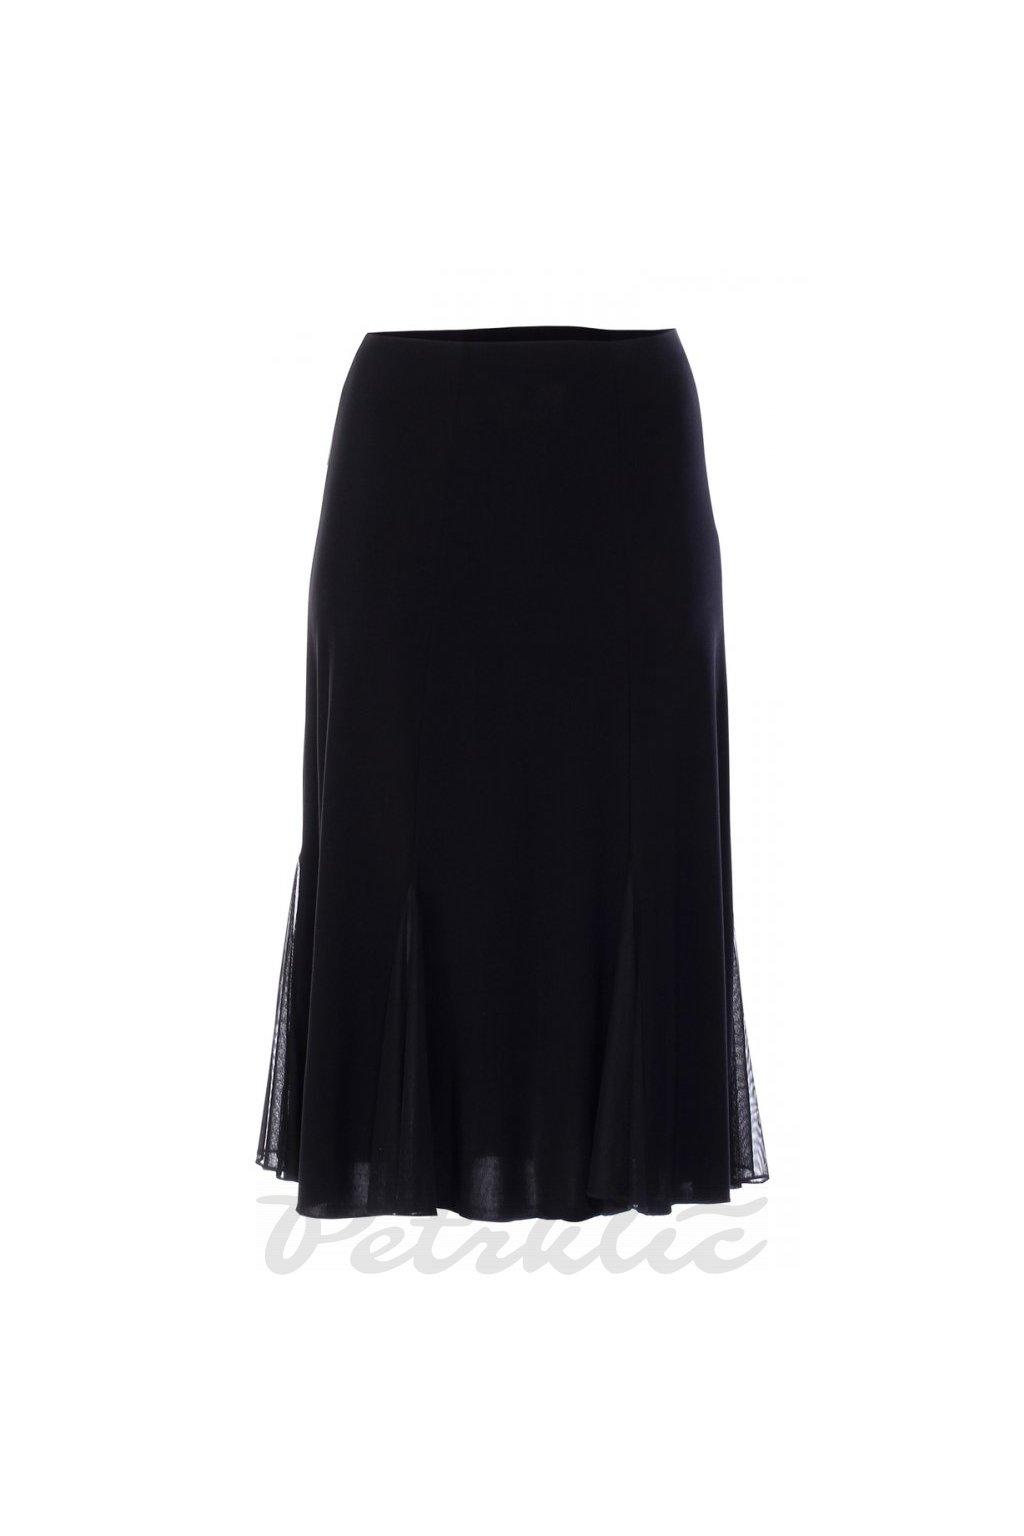 KONY -  šestidílová společenská sukně